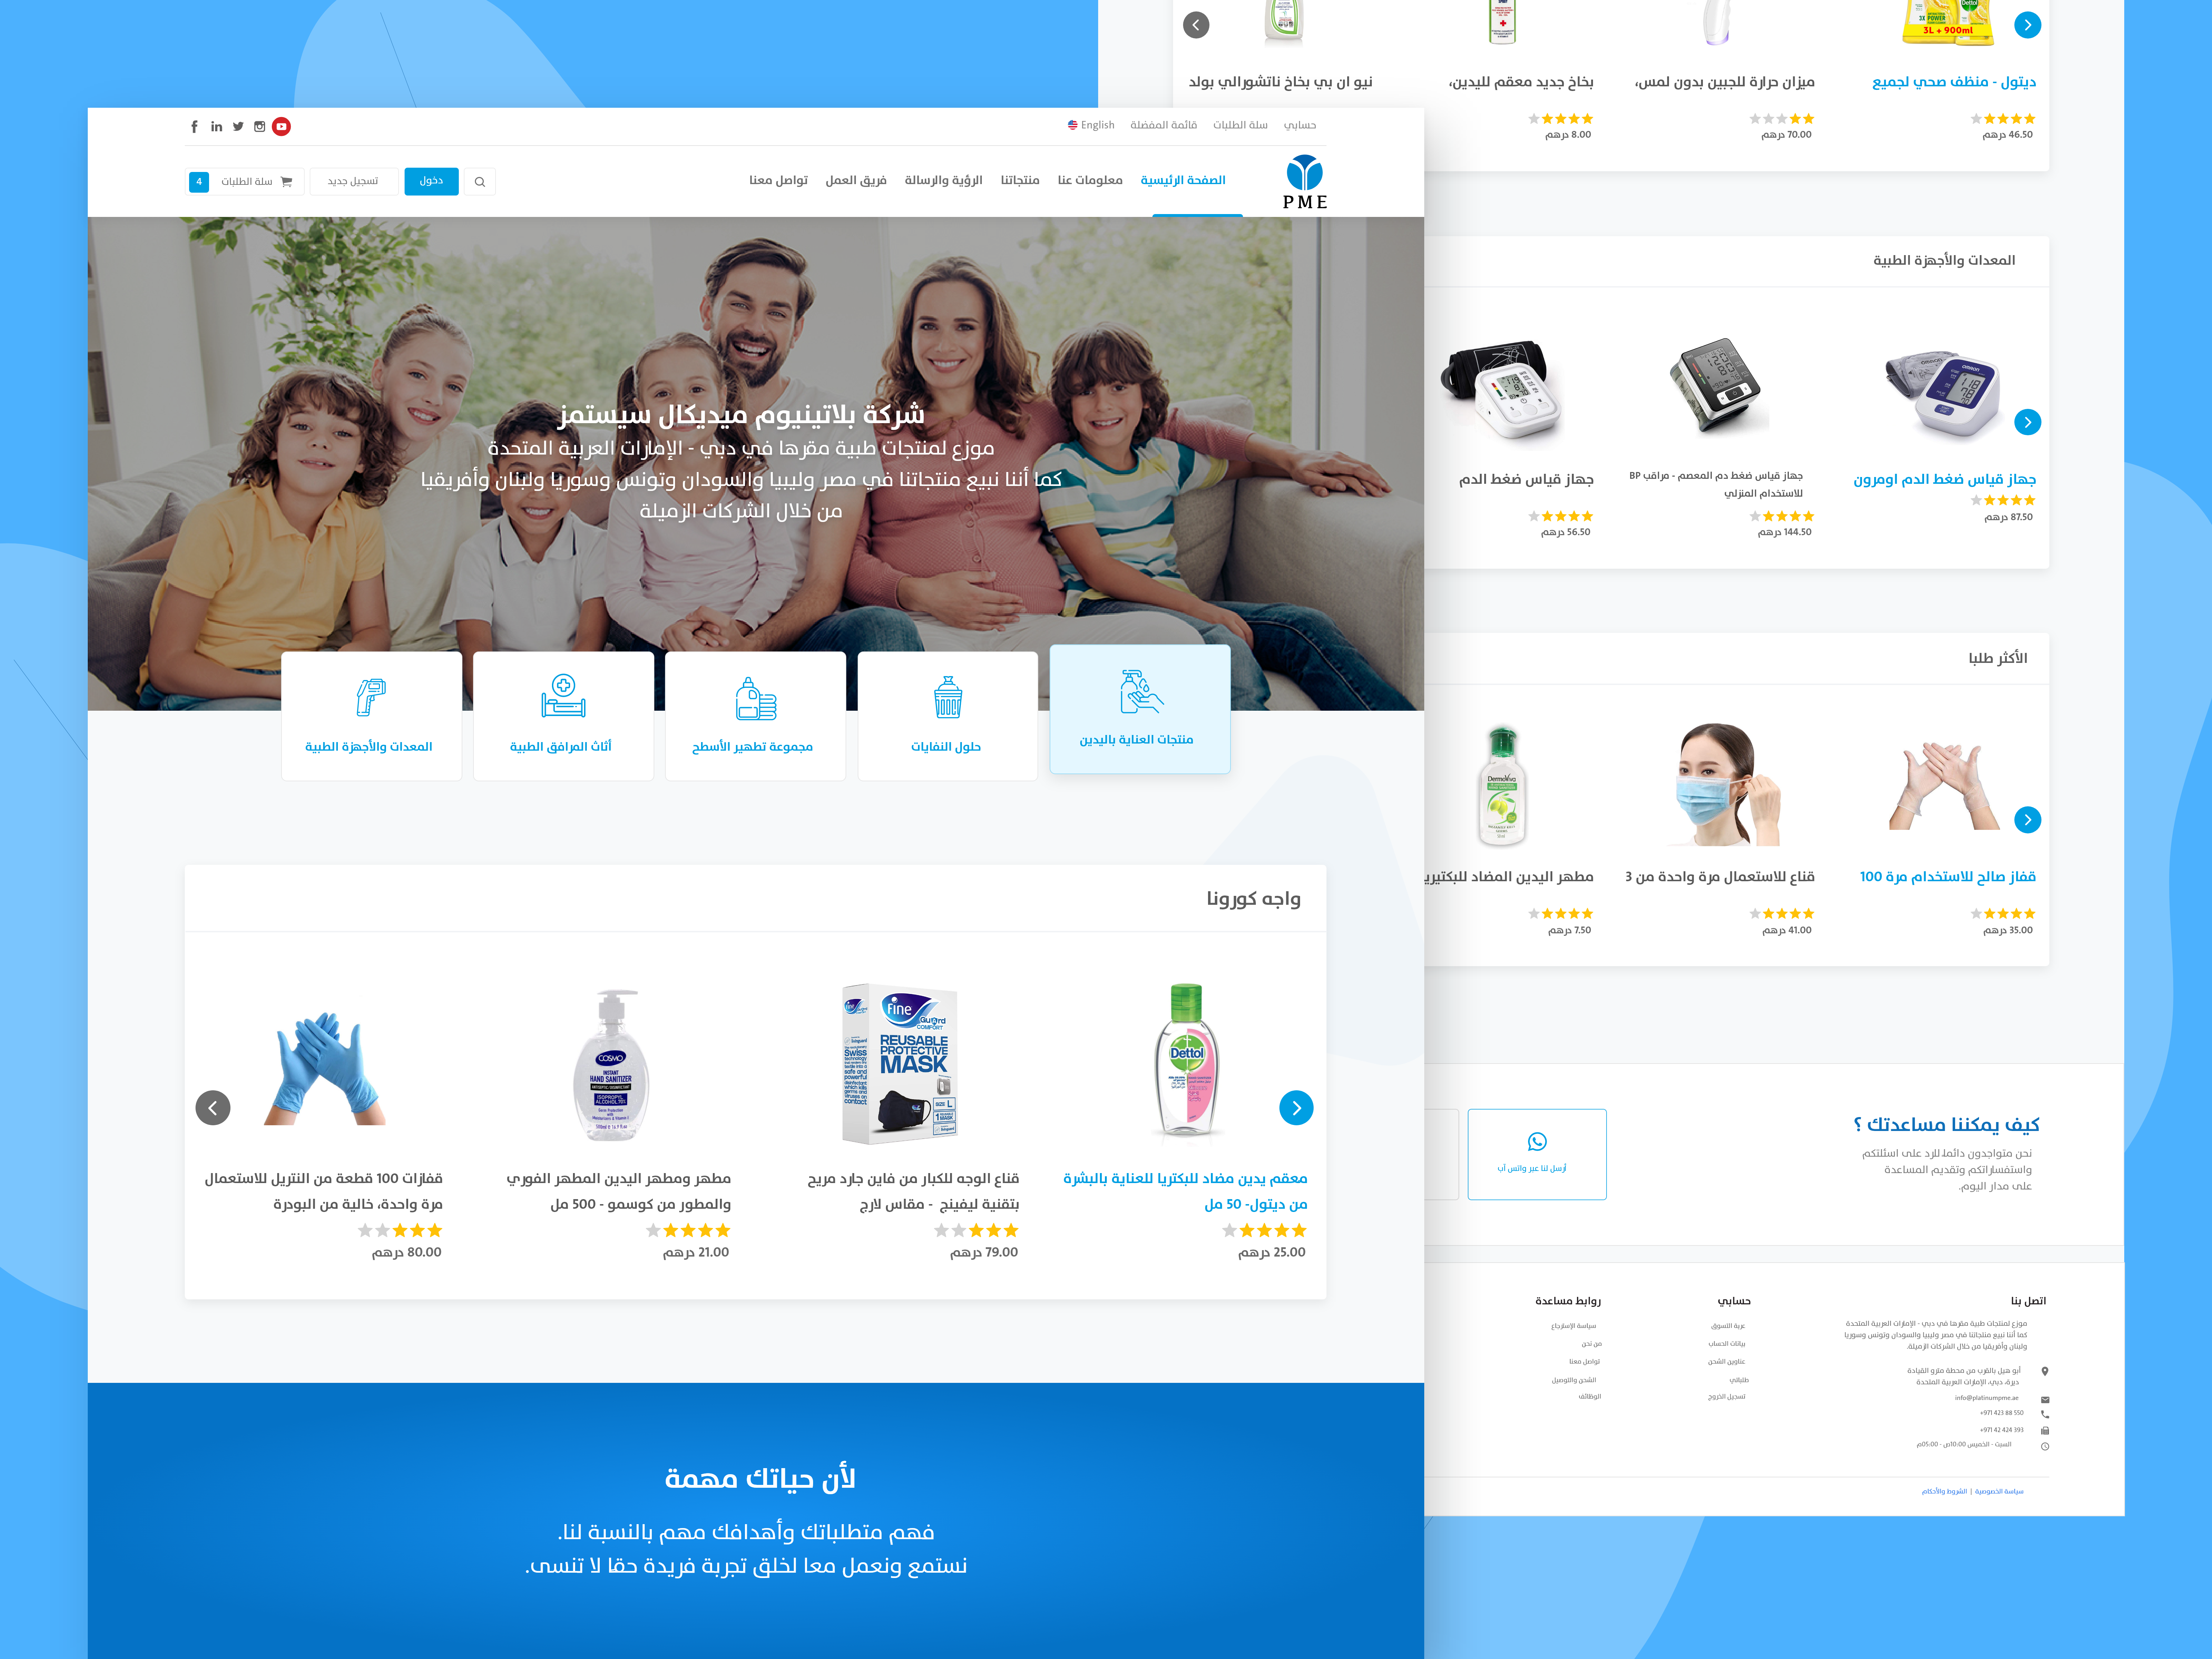 تصميم موقع بيع المستلزمات والأجهزة الطبية في دبي